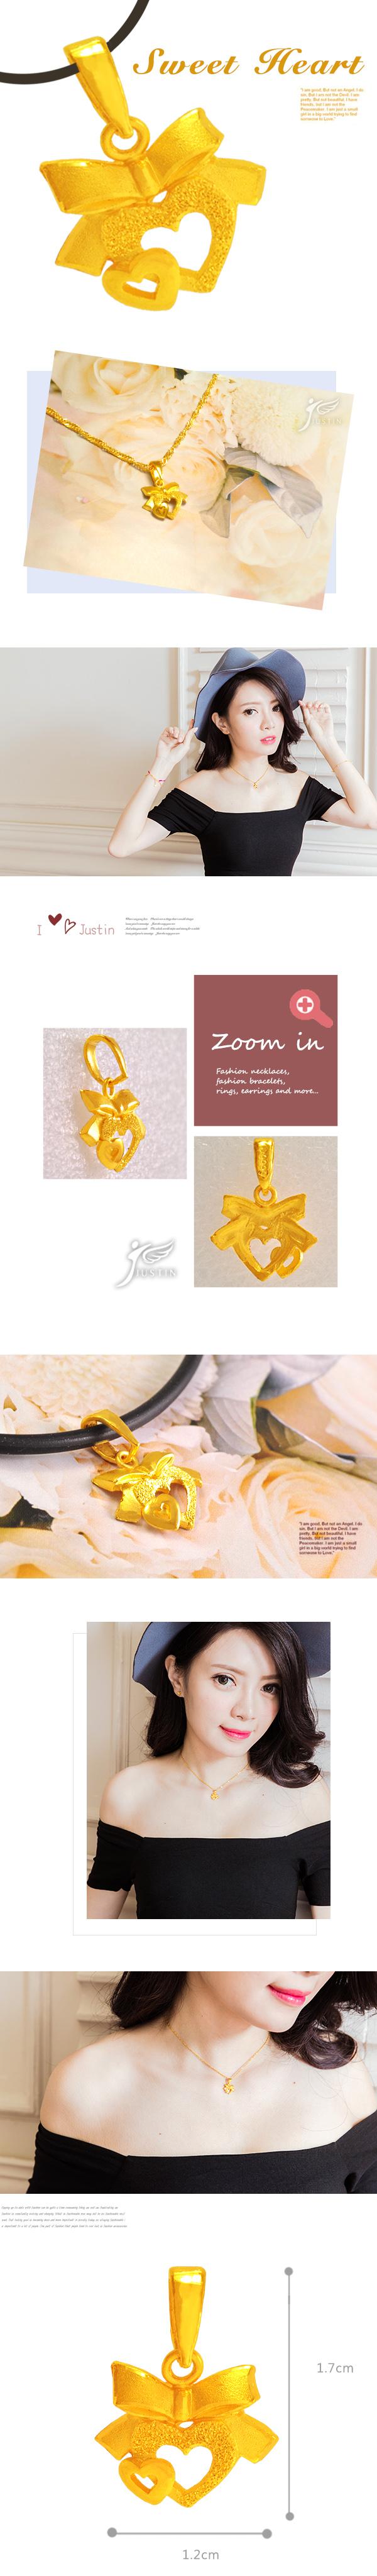 金緻品,金製品,黃金價格,金飾,金飾價格,黃金飾品,金飾店,純金,金飾品牌,黃金投資,黃金墜子,愛情鎖,心之鎖,少女心